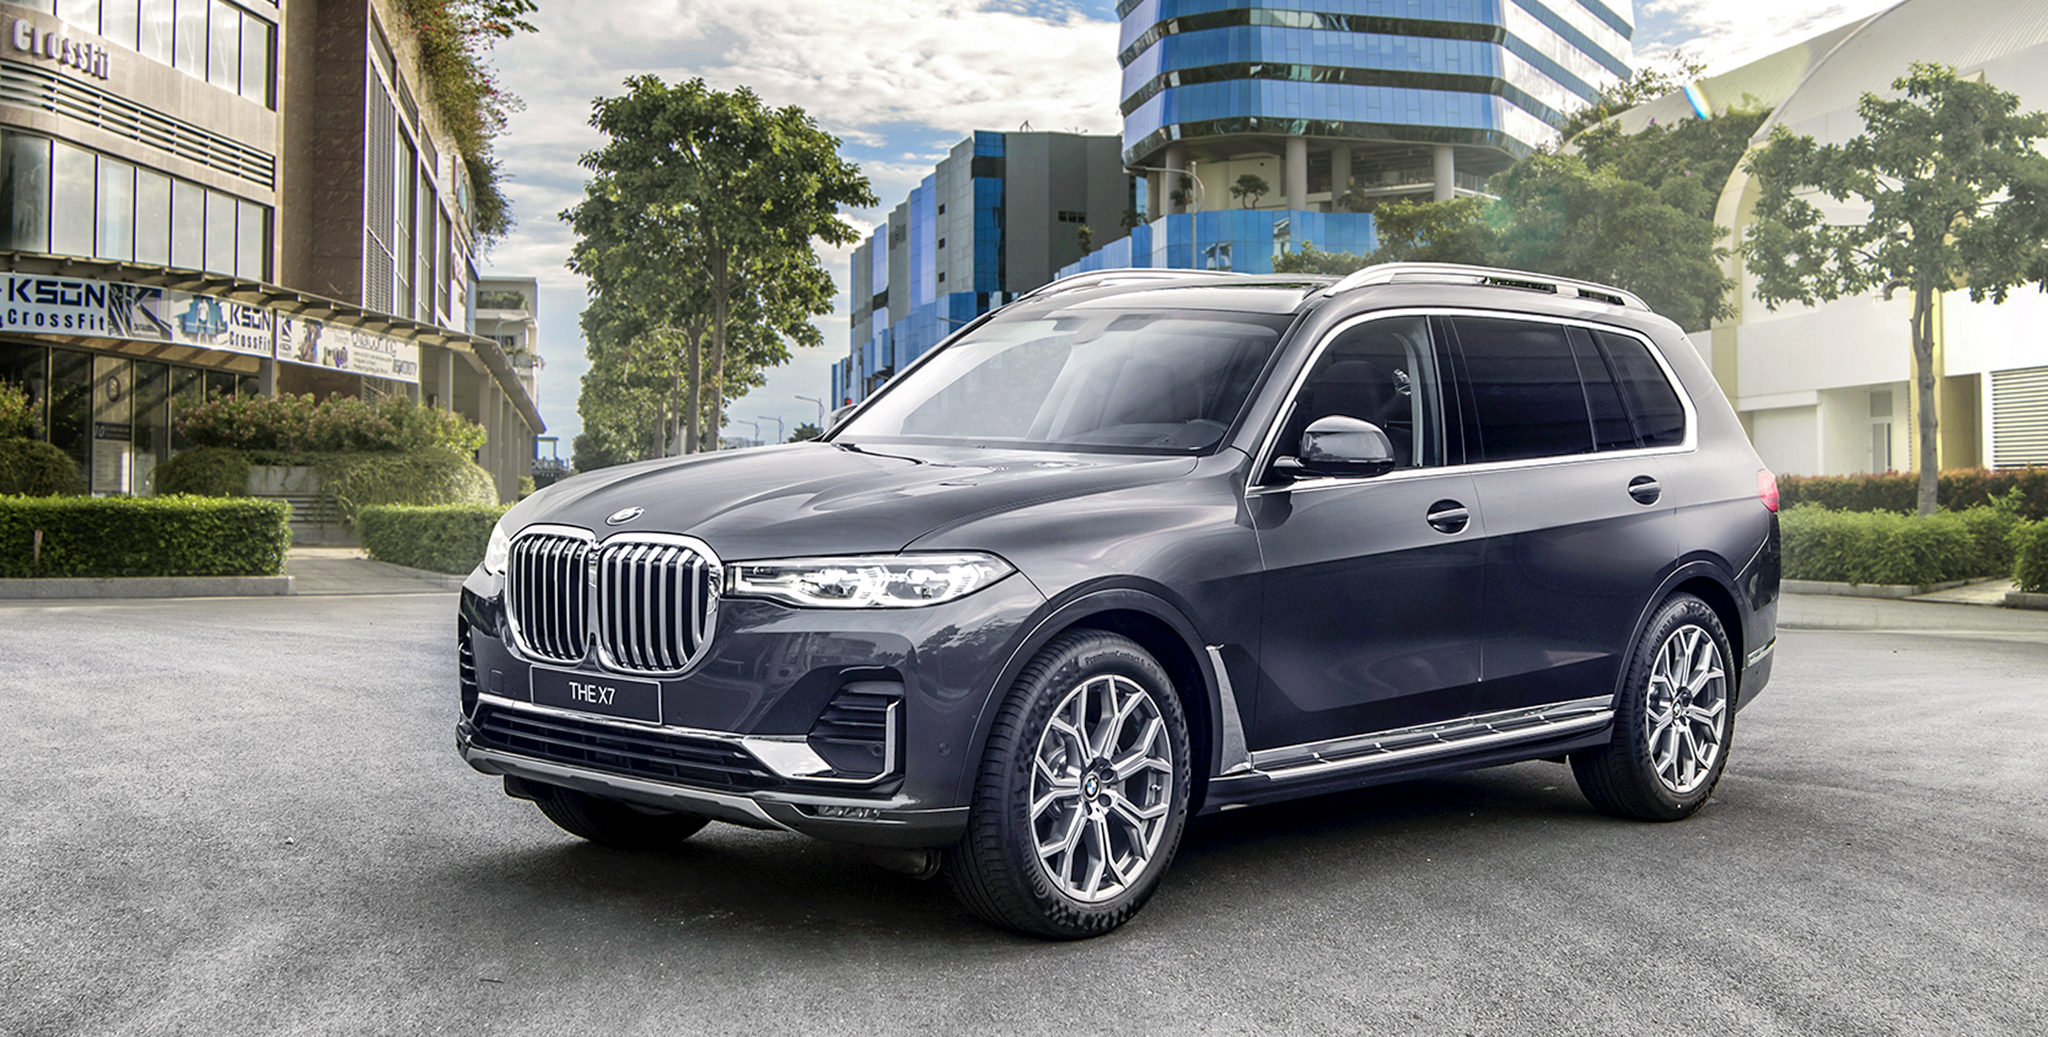 BMW X7 2019 giá từ 7,5 tỷ ra mắt, quyết đấu Lexus LX570 tại Việt Nam